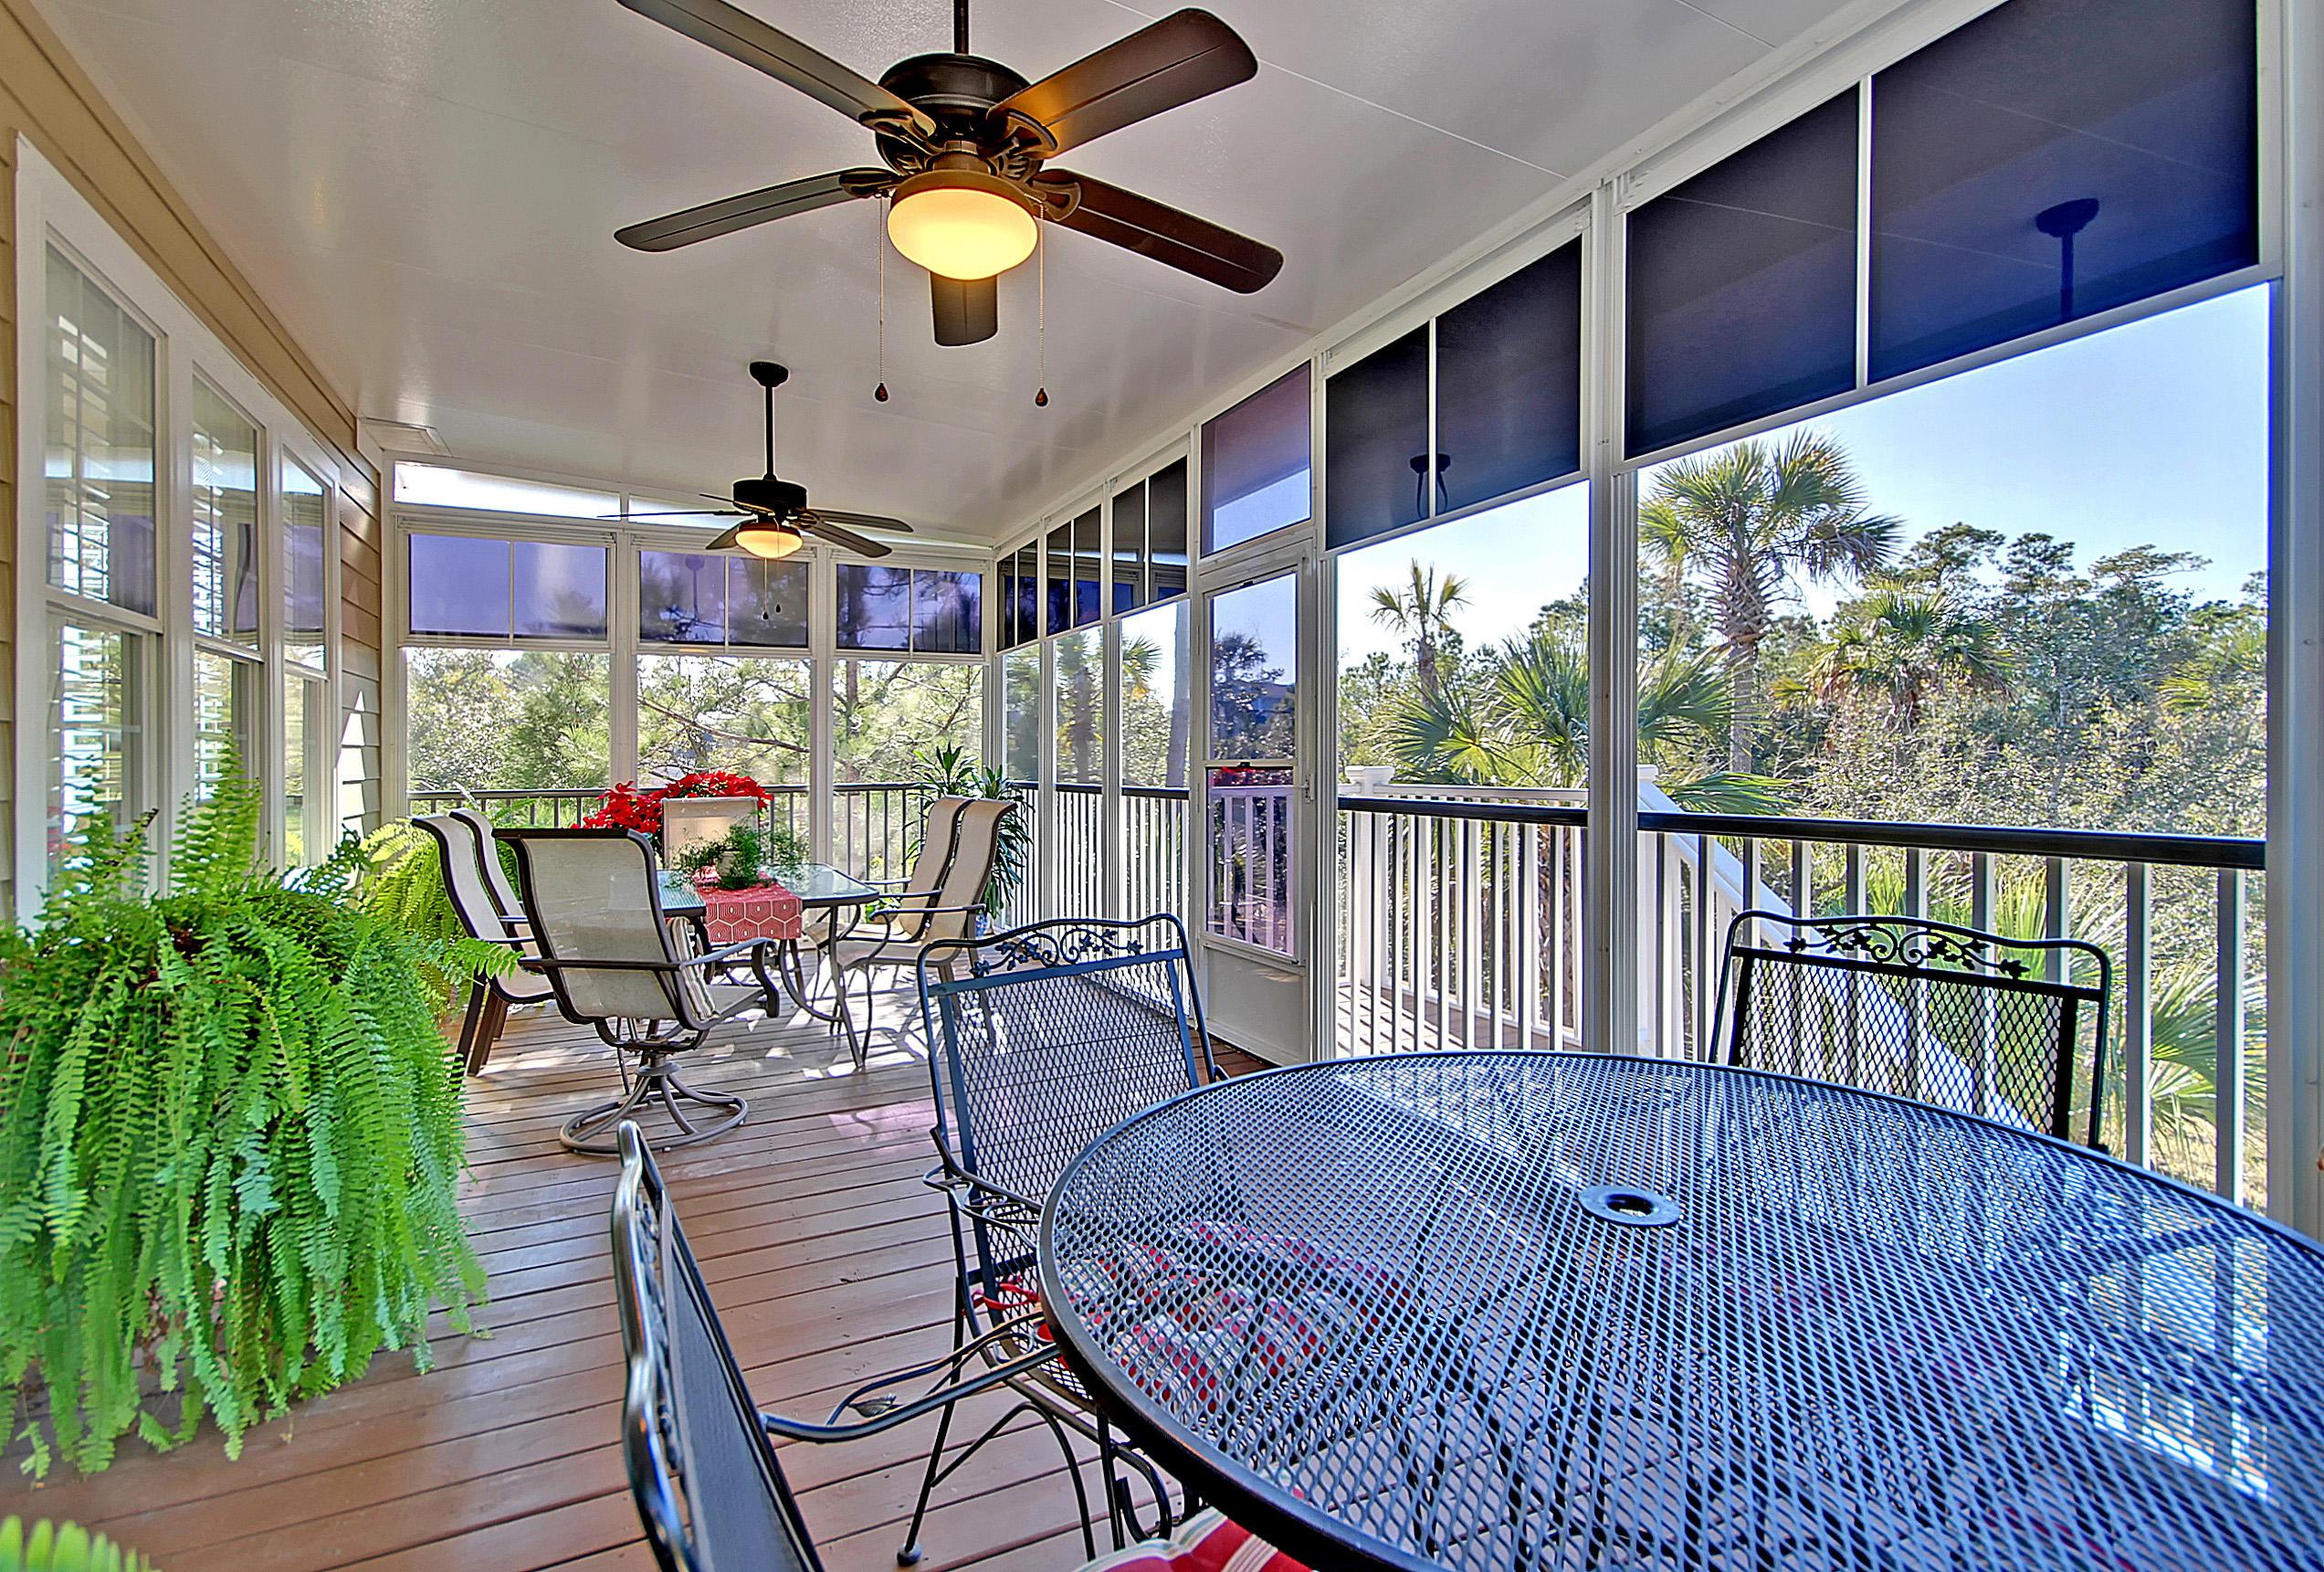 Dunes West Homes For Sale - 2721 Fountainhead, Mount Pleasant, SC - 0